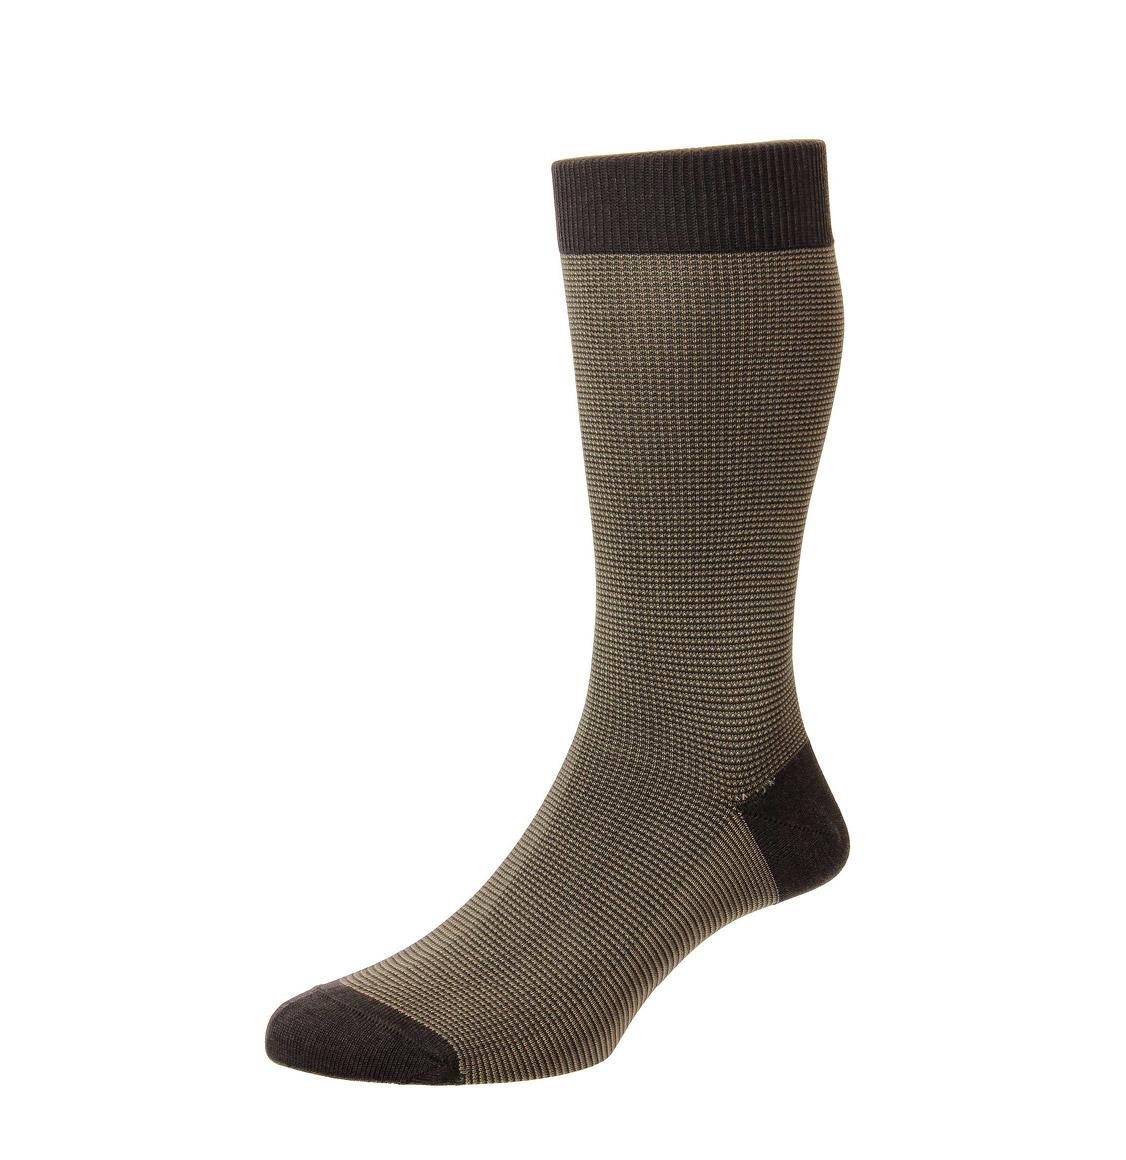 Pantherella Socks Tewkesbury Birdseye Dark Brown